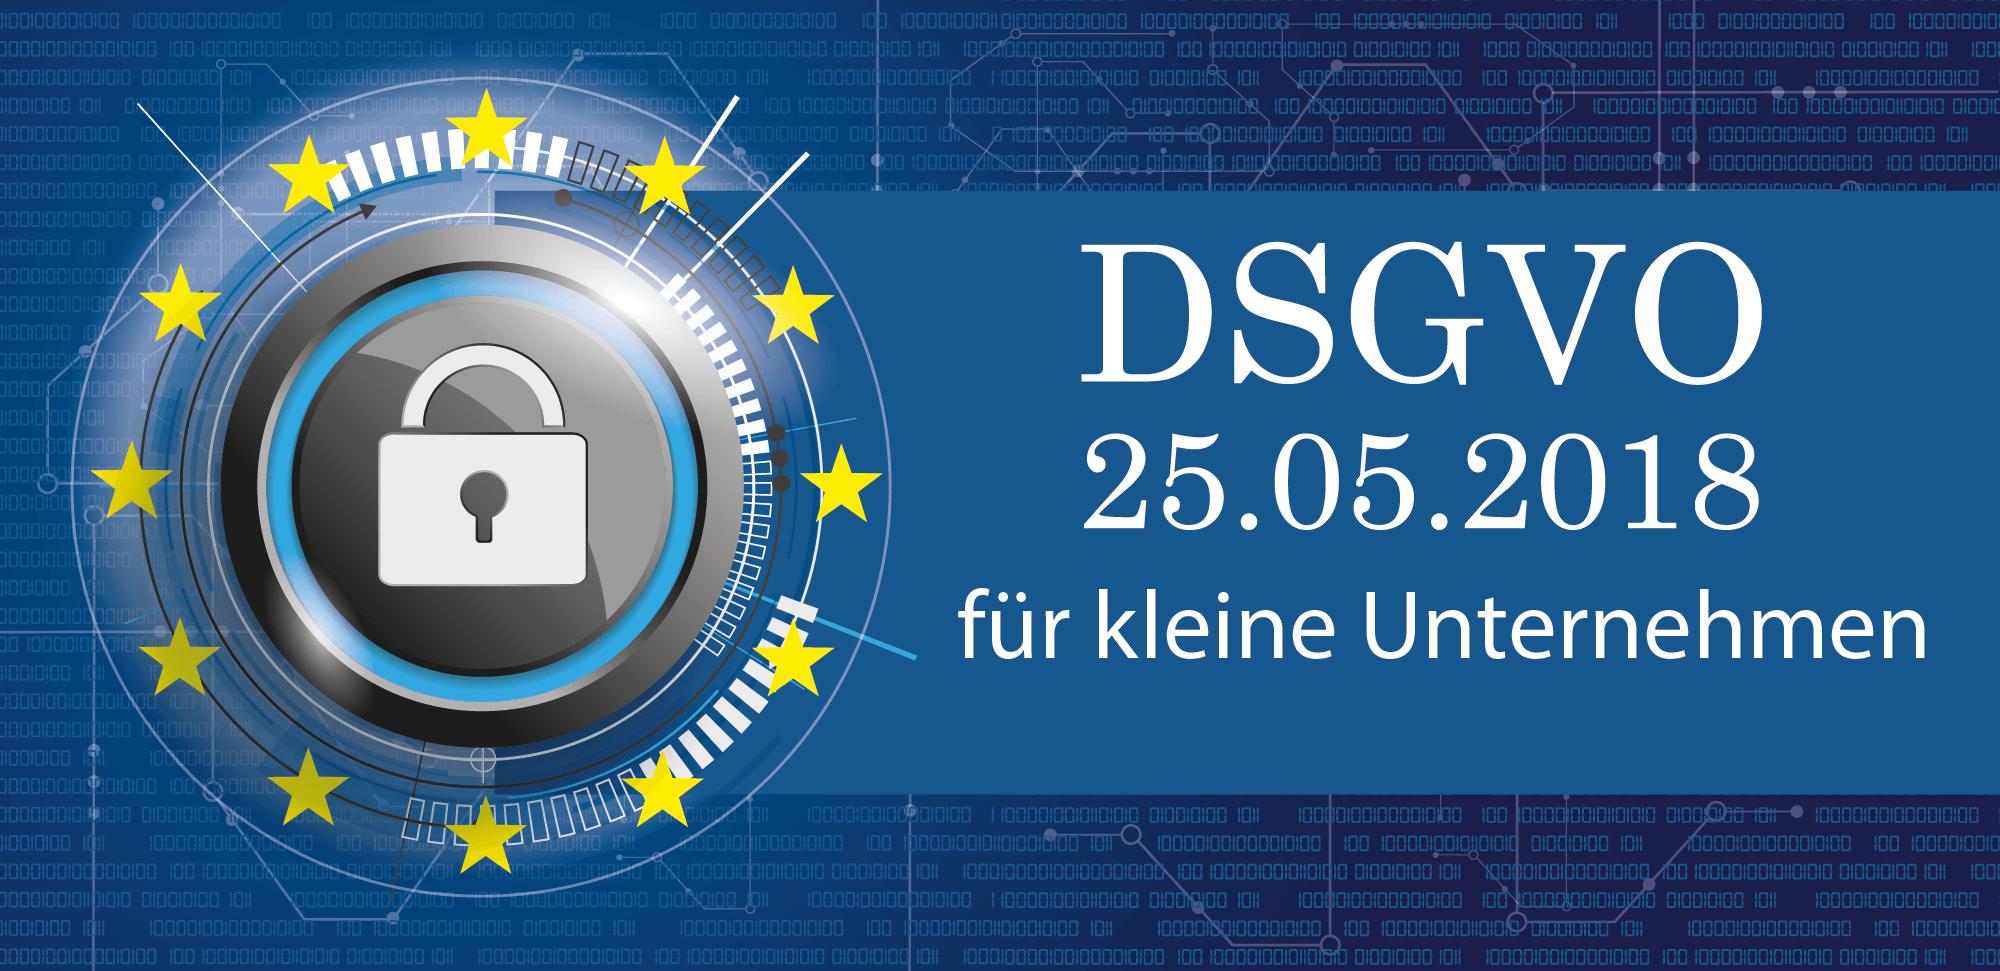 DSGVO wird am 25.5.2018 wirksam